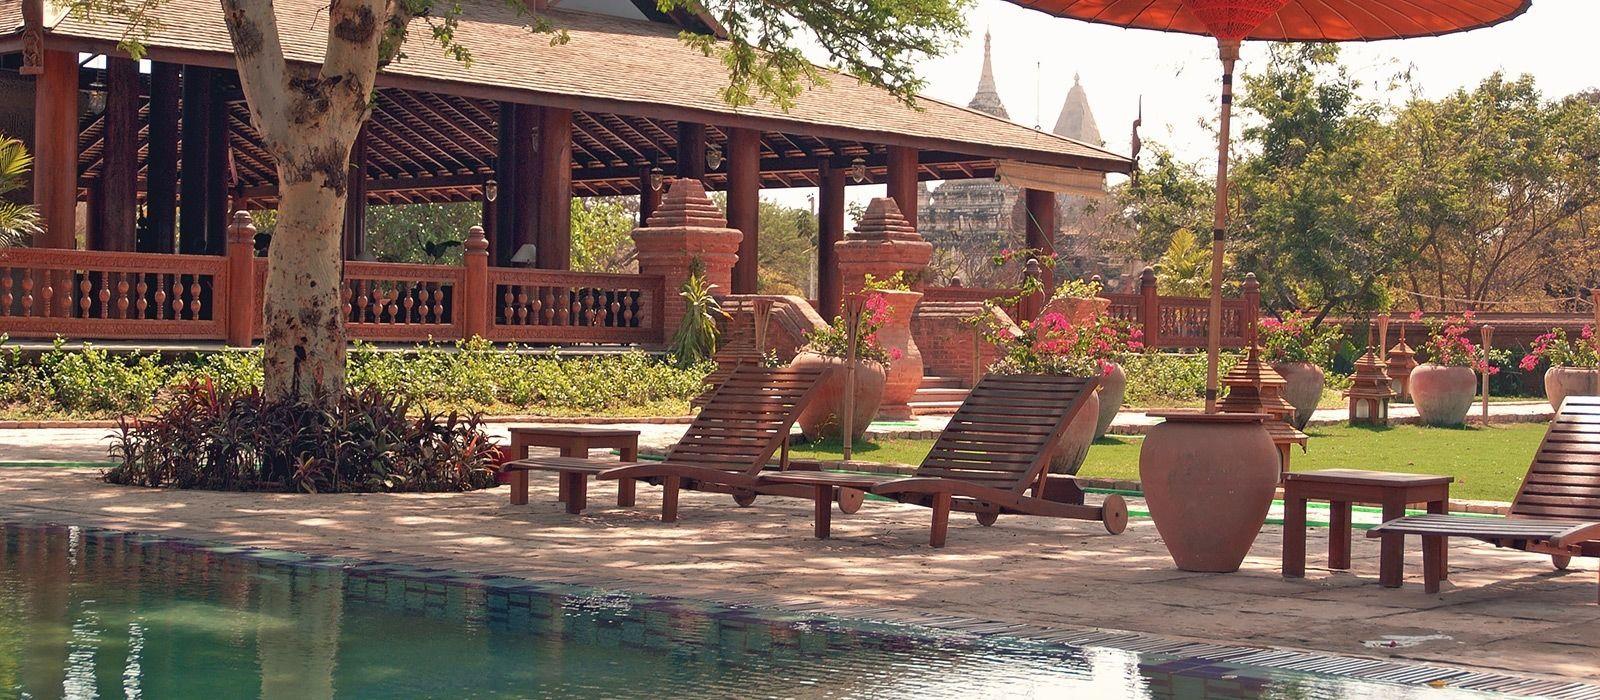 Hotel Tharabar Gate (Bagan) Myanmar